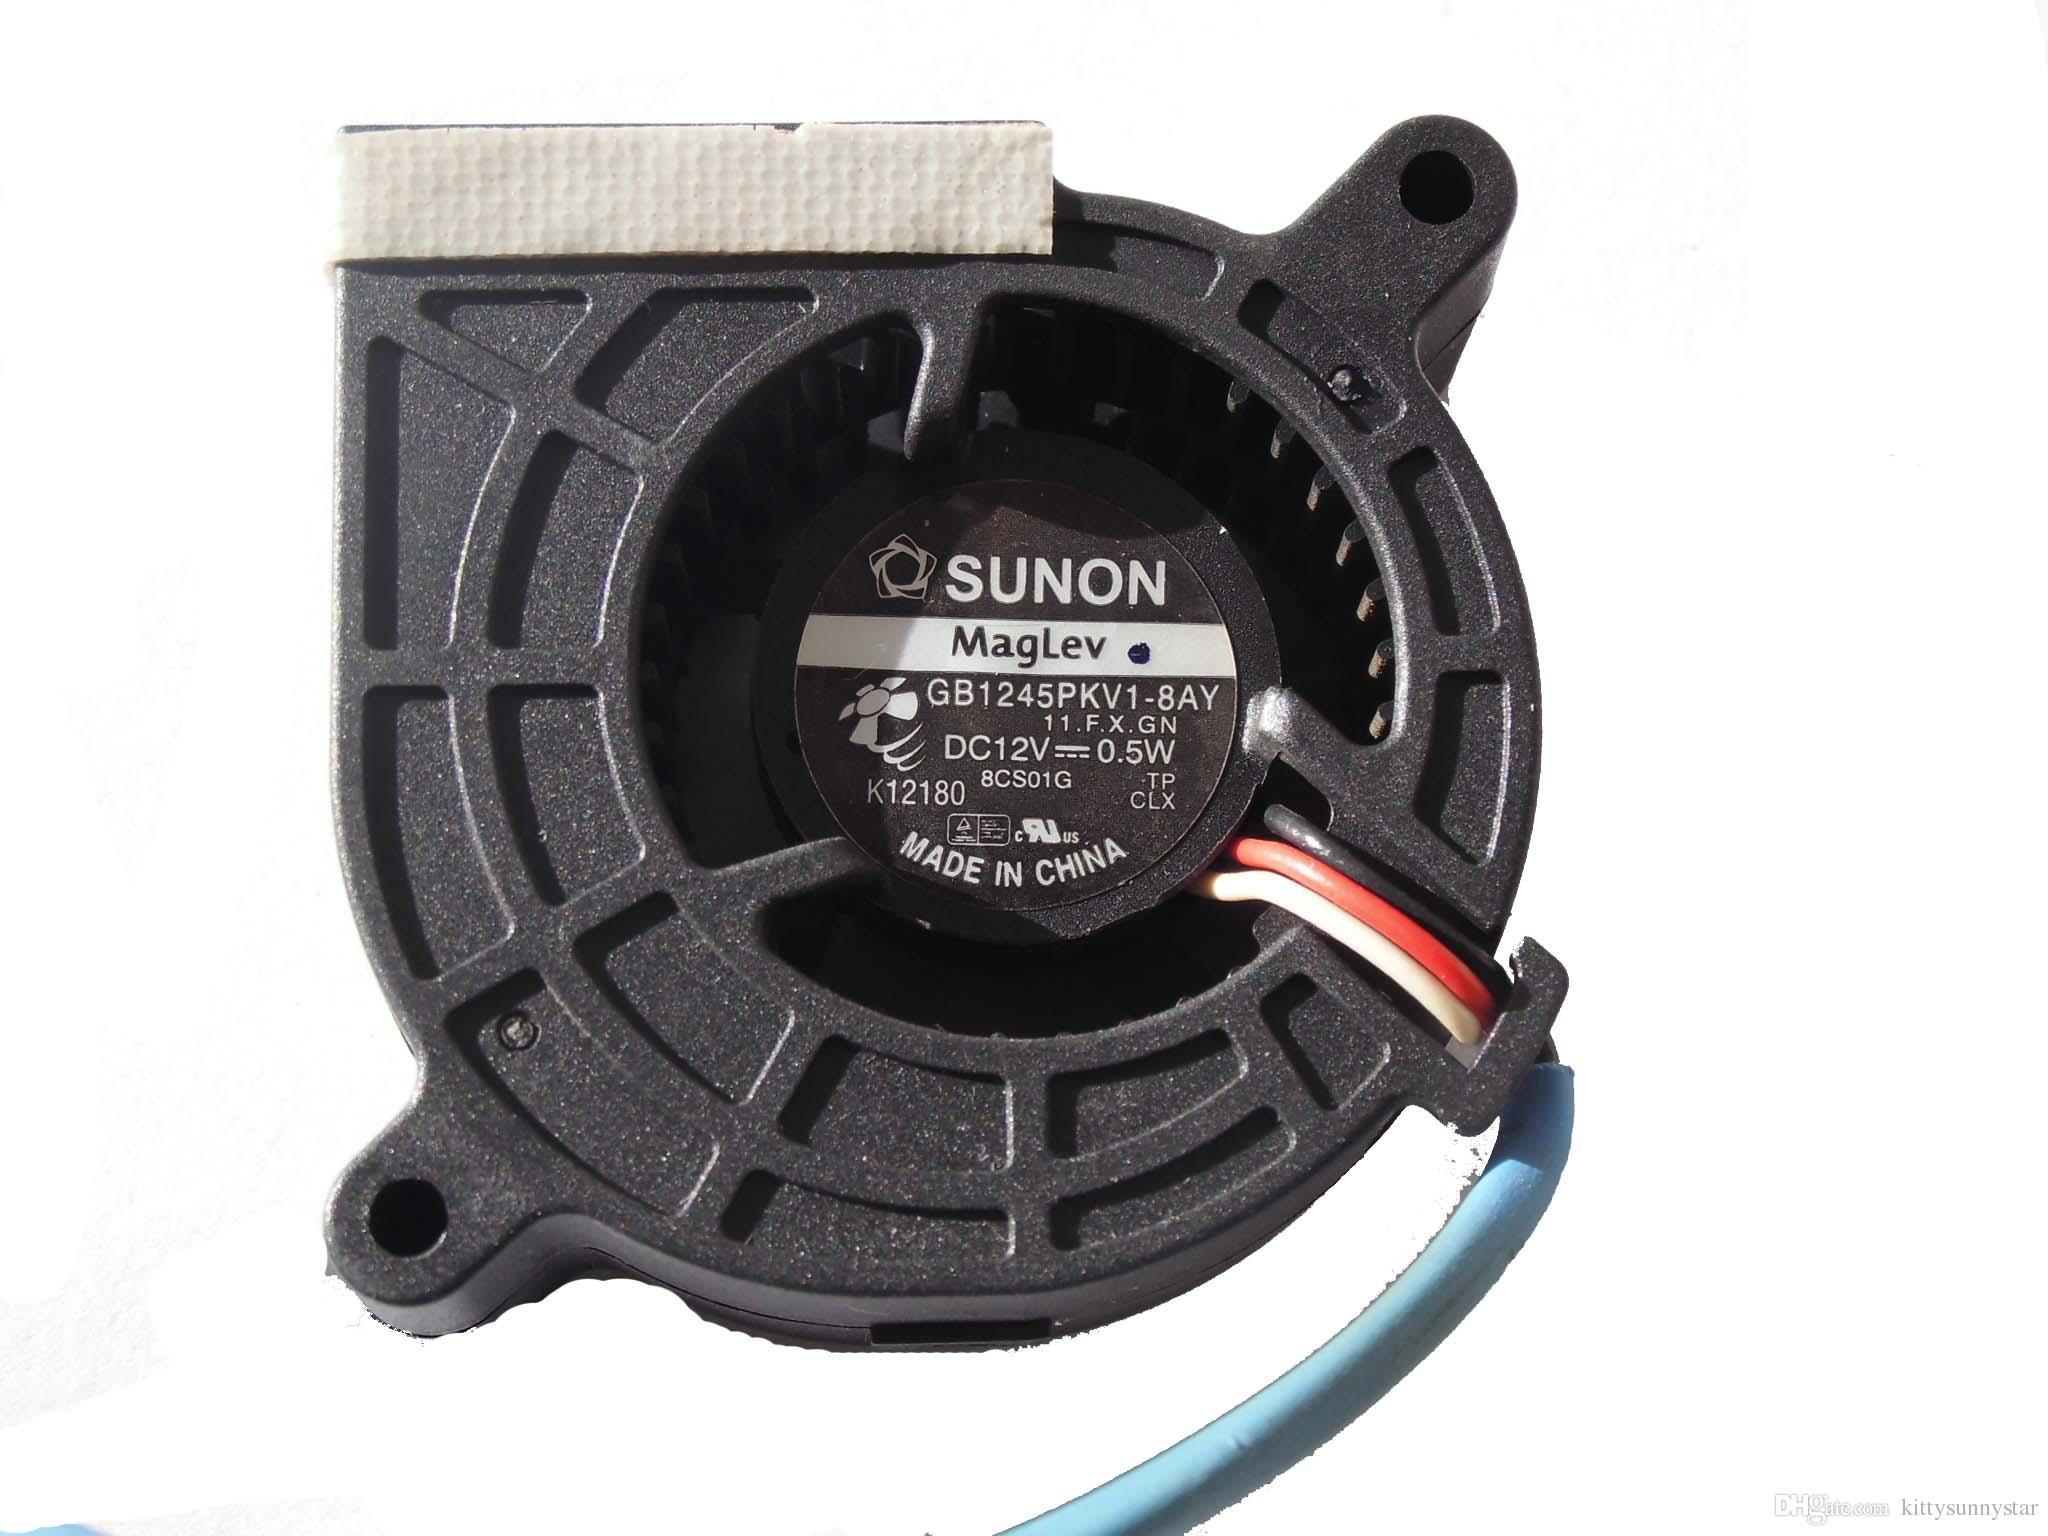 Nouveau ventilateur de projecteur SUNON 4cm GB1245PKV1-8 GB1245PKV1-8AY 12V 0.5W 3Wire